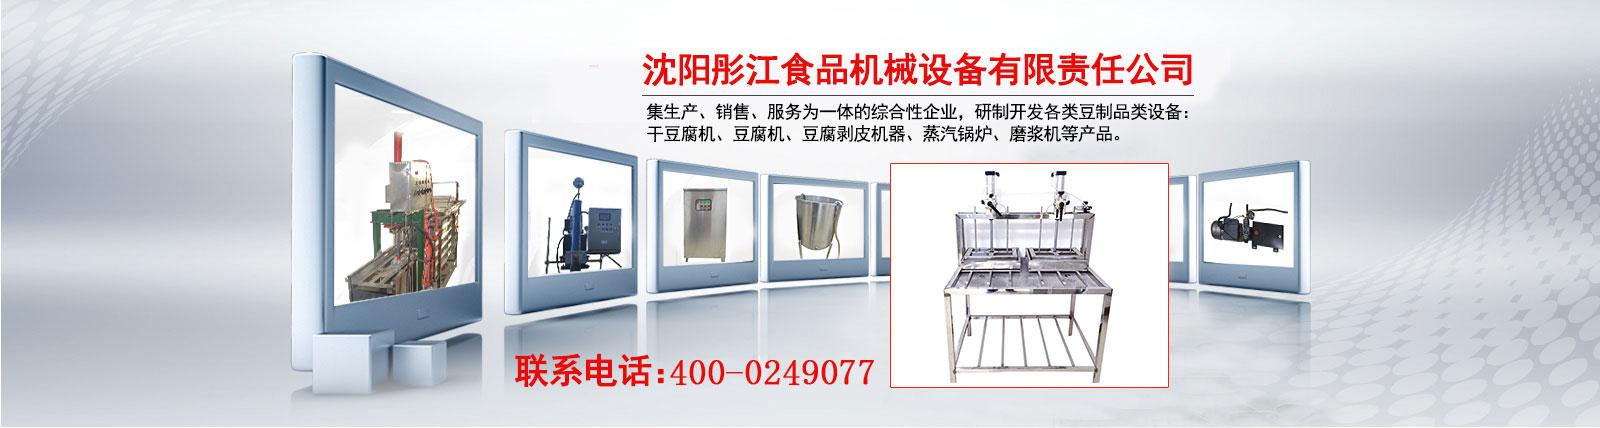 沈阳彤江视频机械设备有限公司